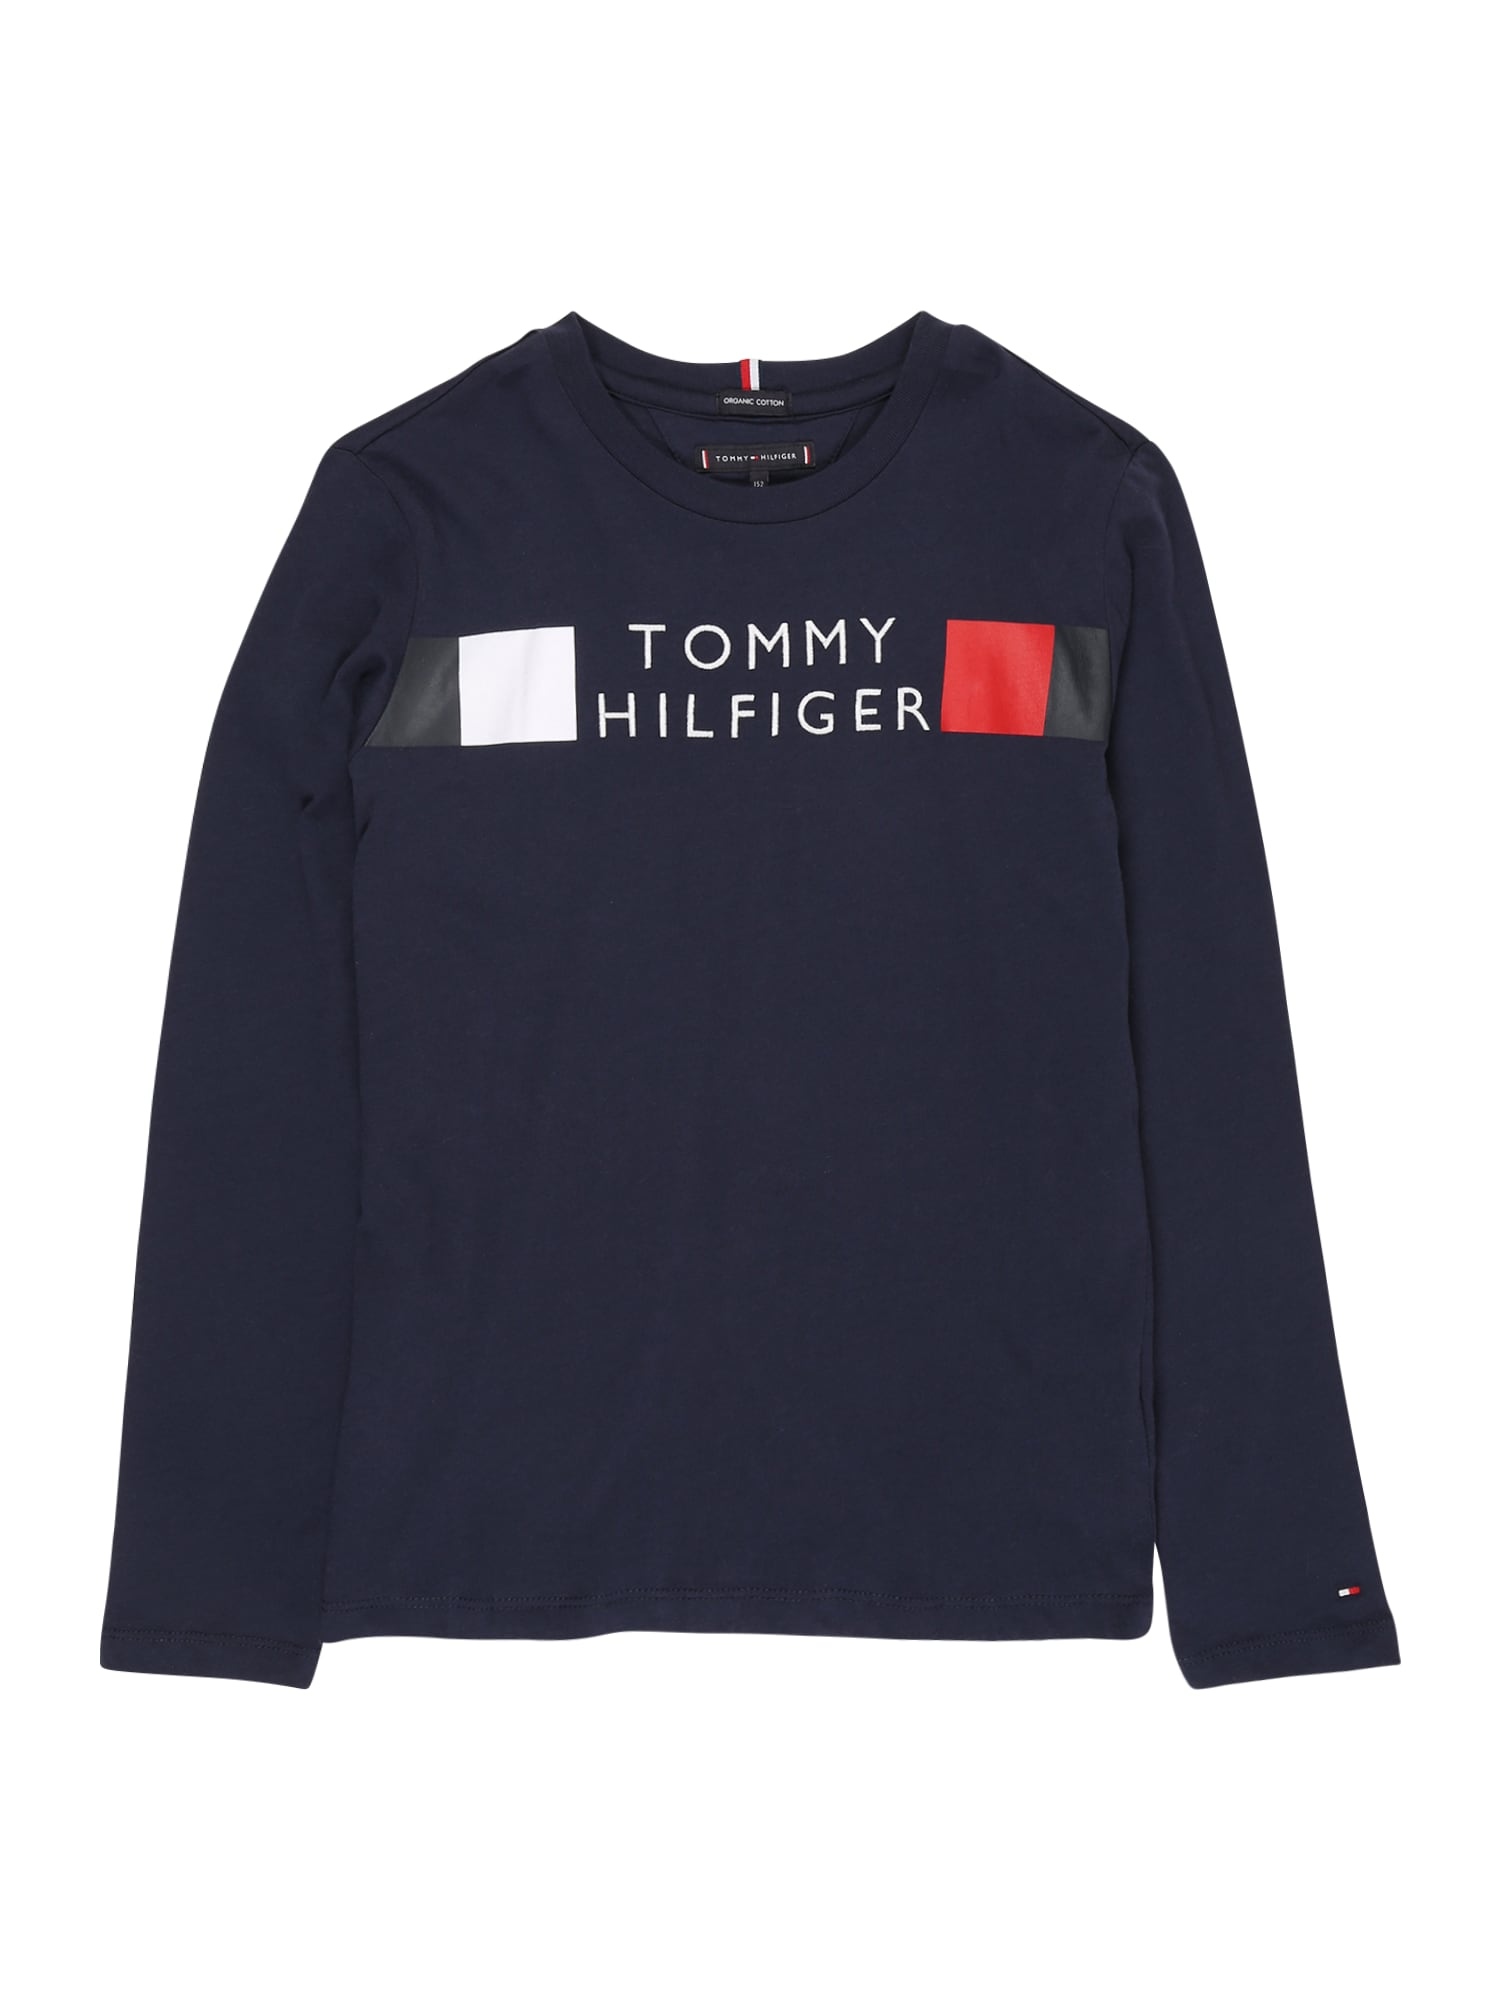 TOMMY HILFIGER Tričko 'GLOBAL'  námořnická modř / bílá / červená